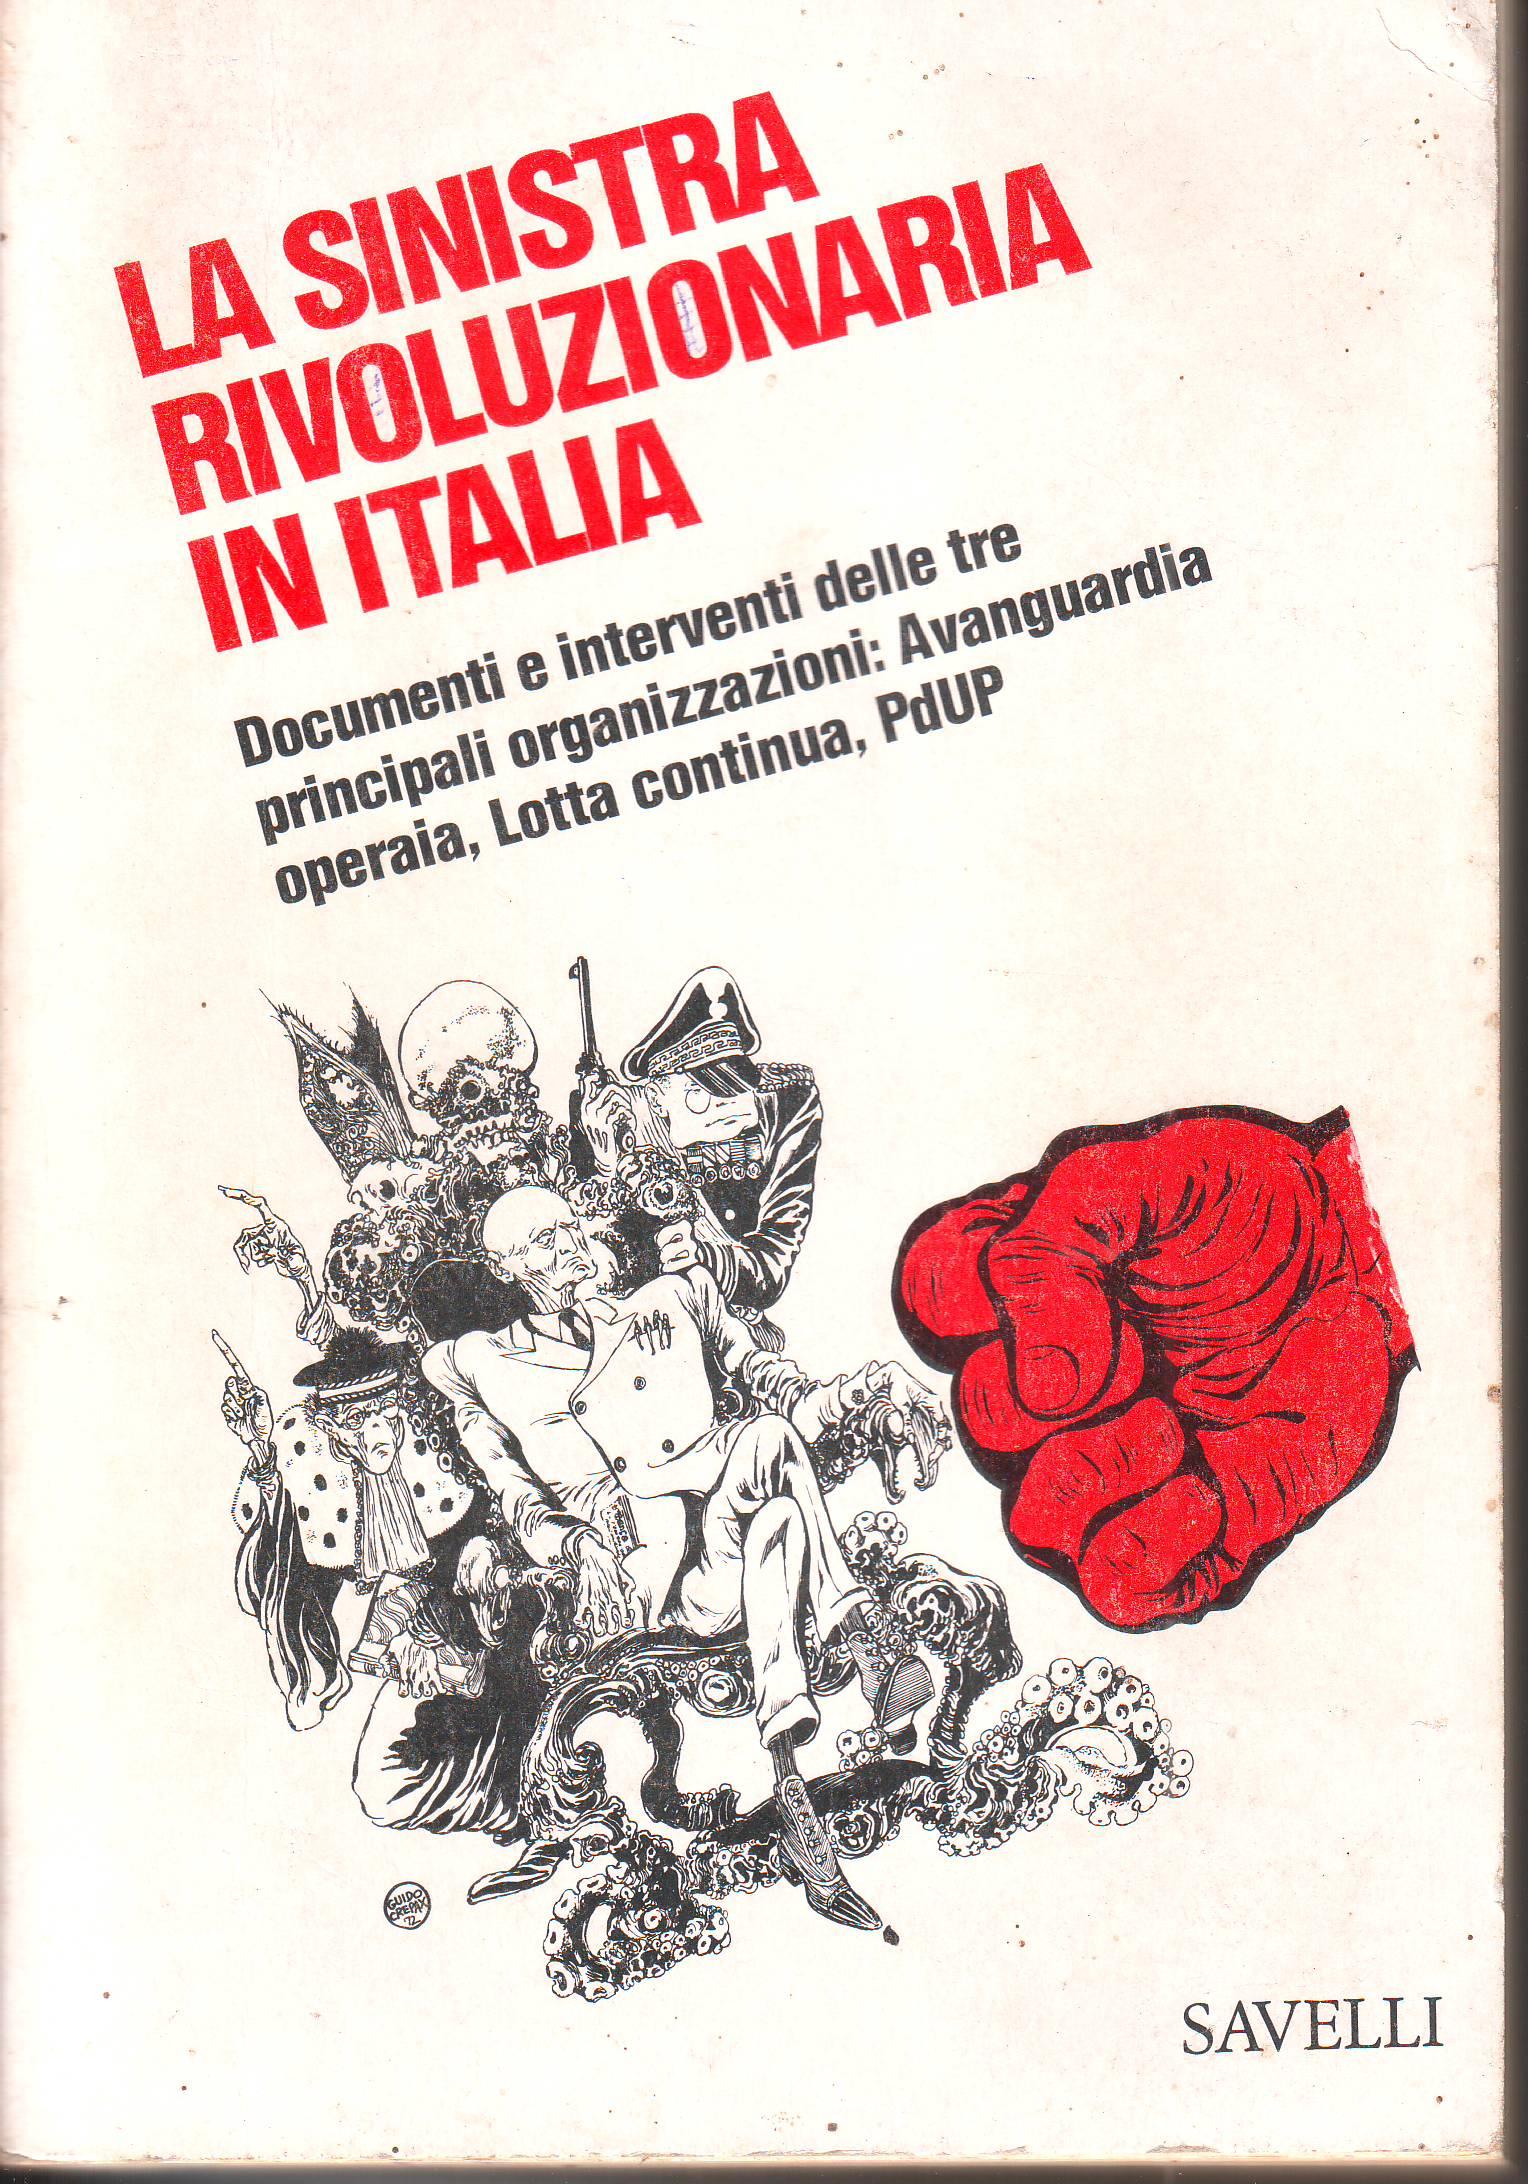 La sinistra rivoluzionaria in Italia